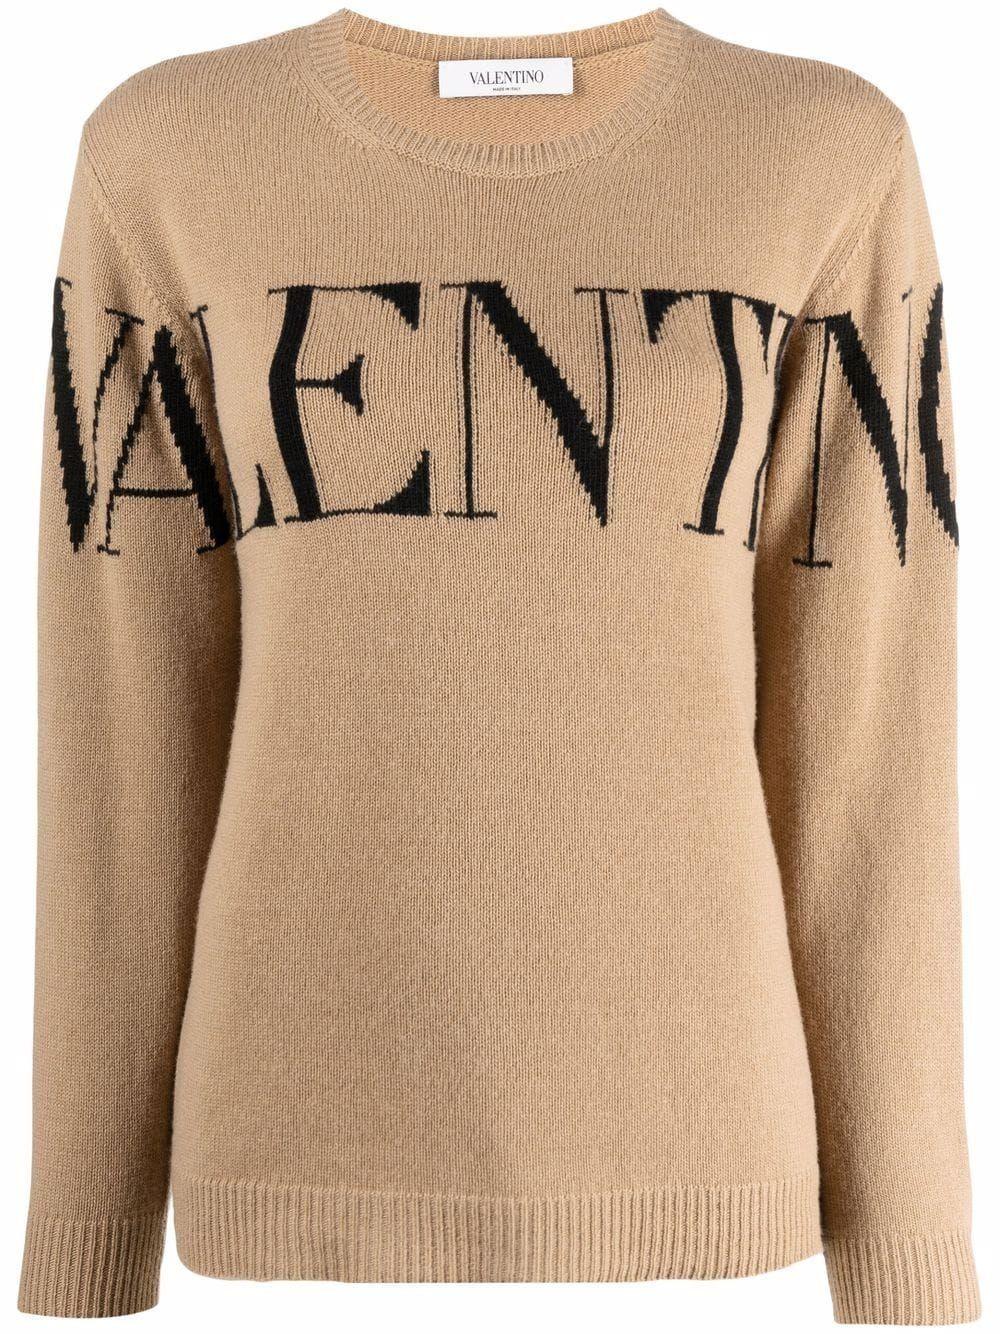 Maglia in cashmere con logo